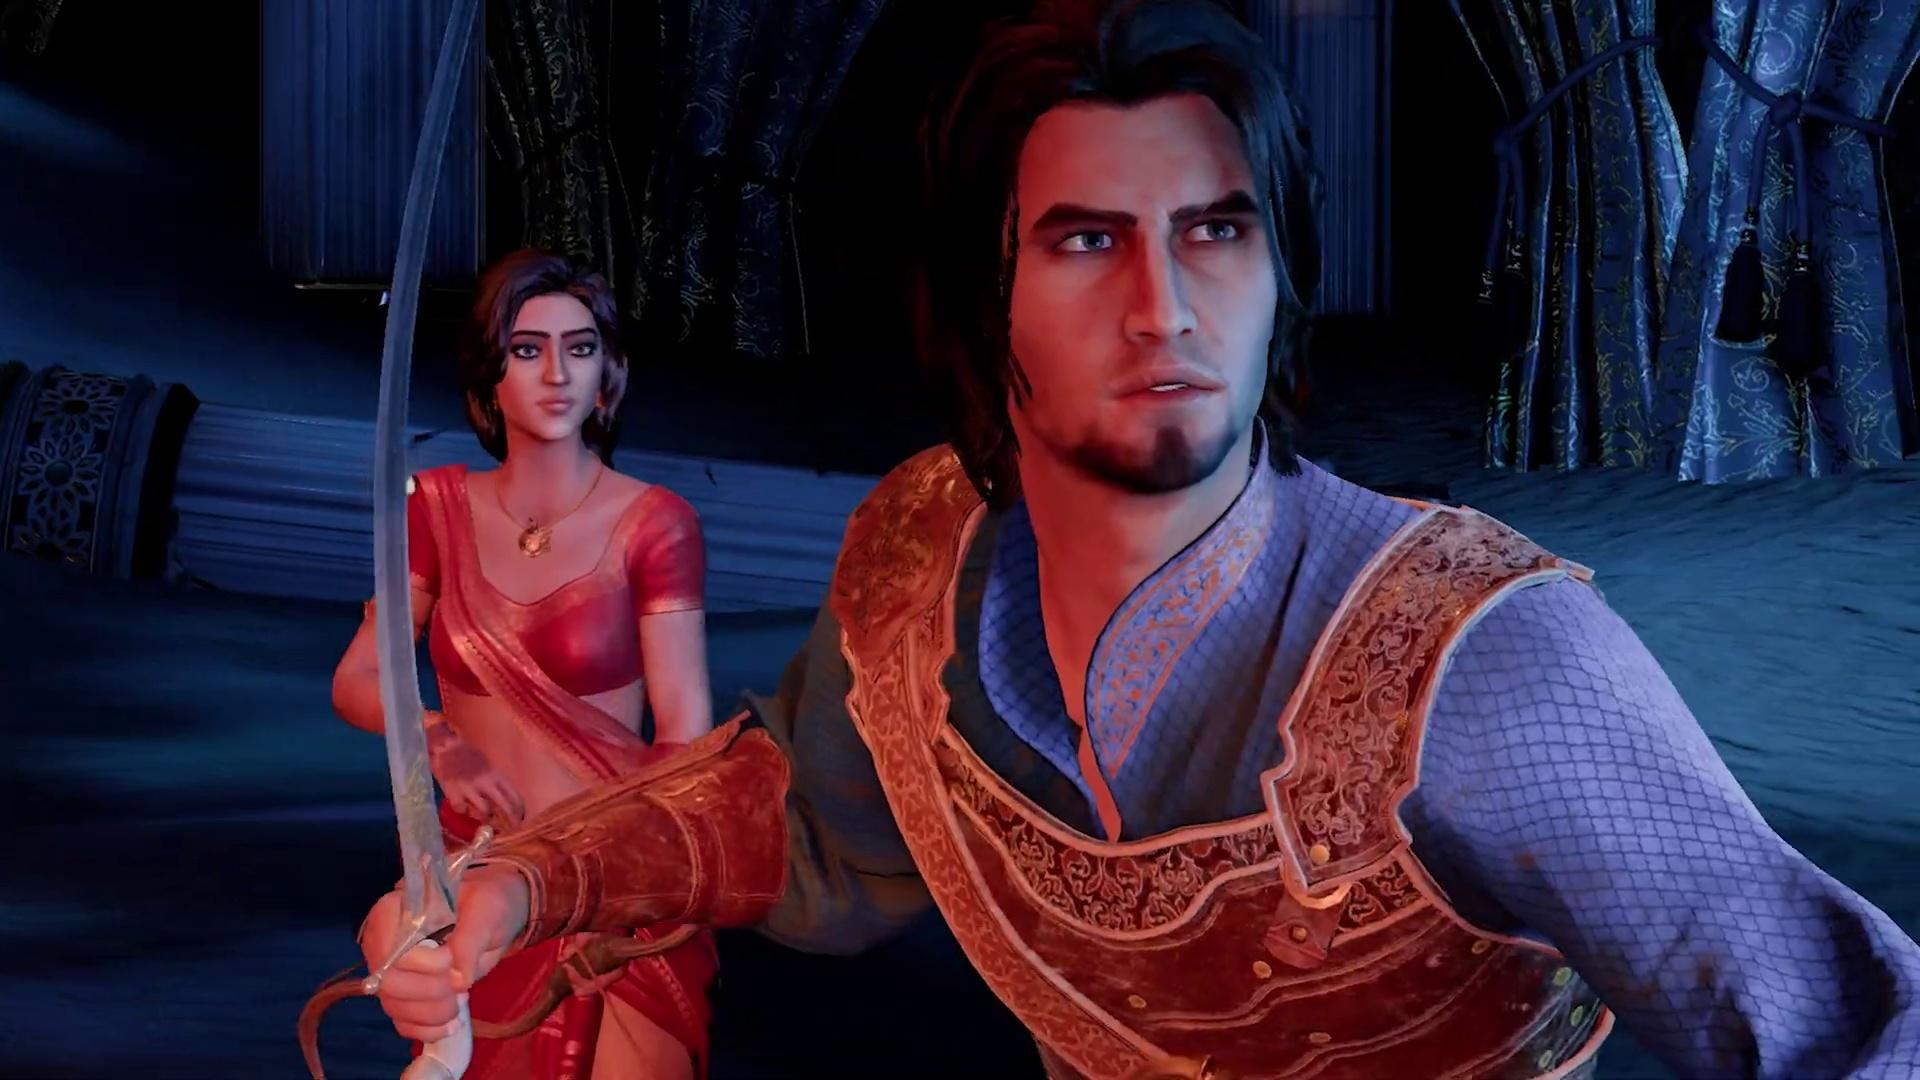 Prince Of Persia Remake Kann Ubisoft Diesen Klassiker Noch Verbessern